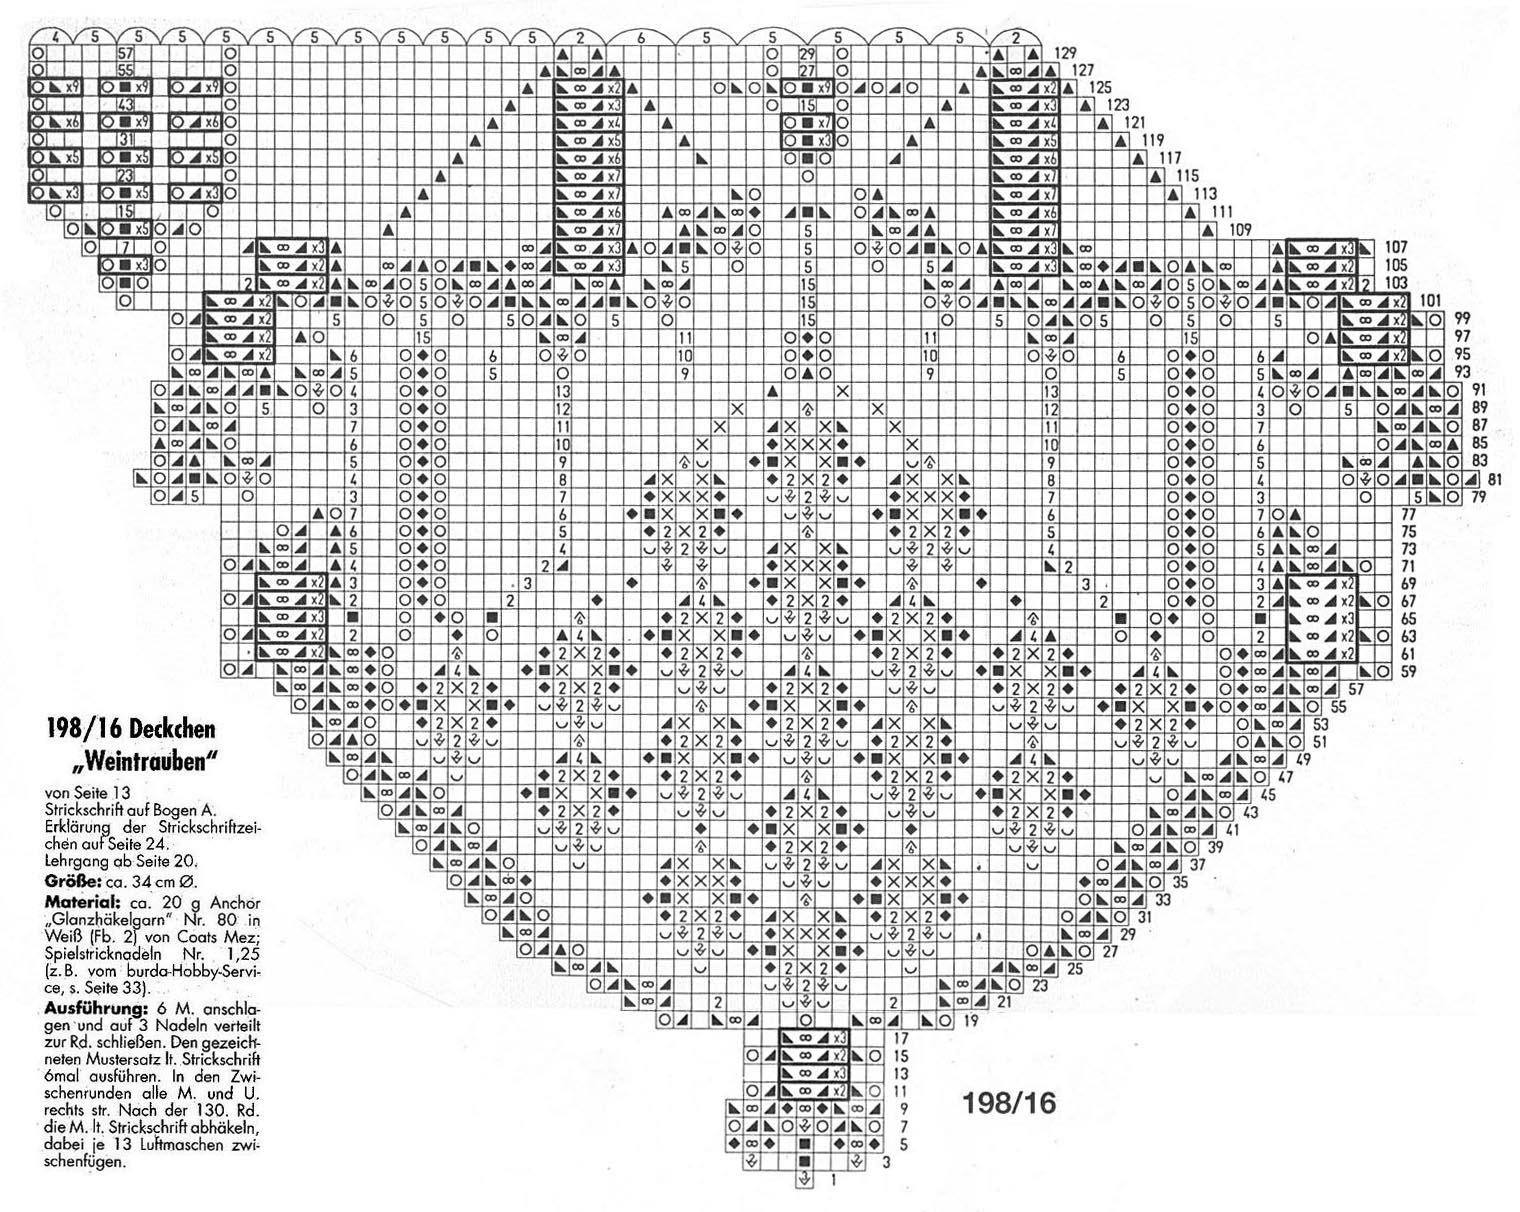 198-16 deckchen weintrauben2.jpg